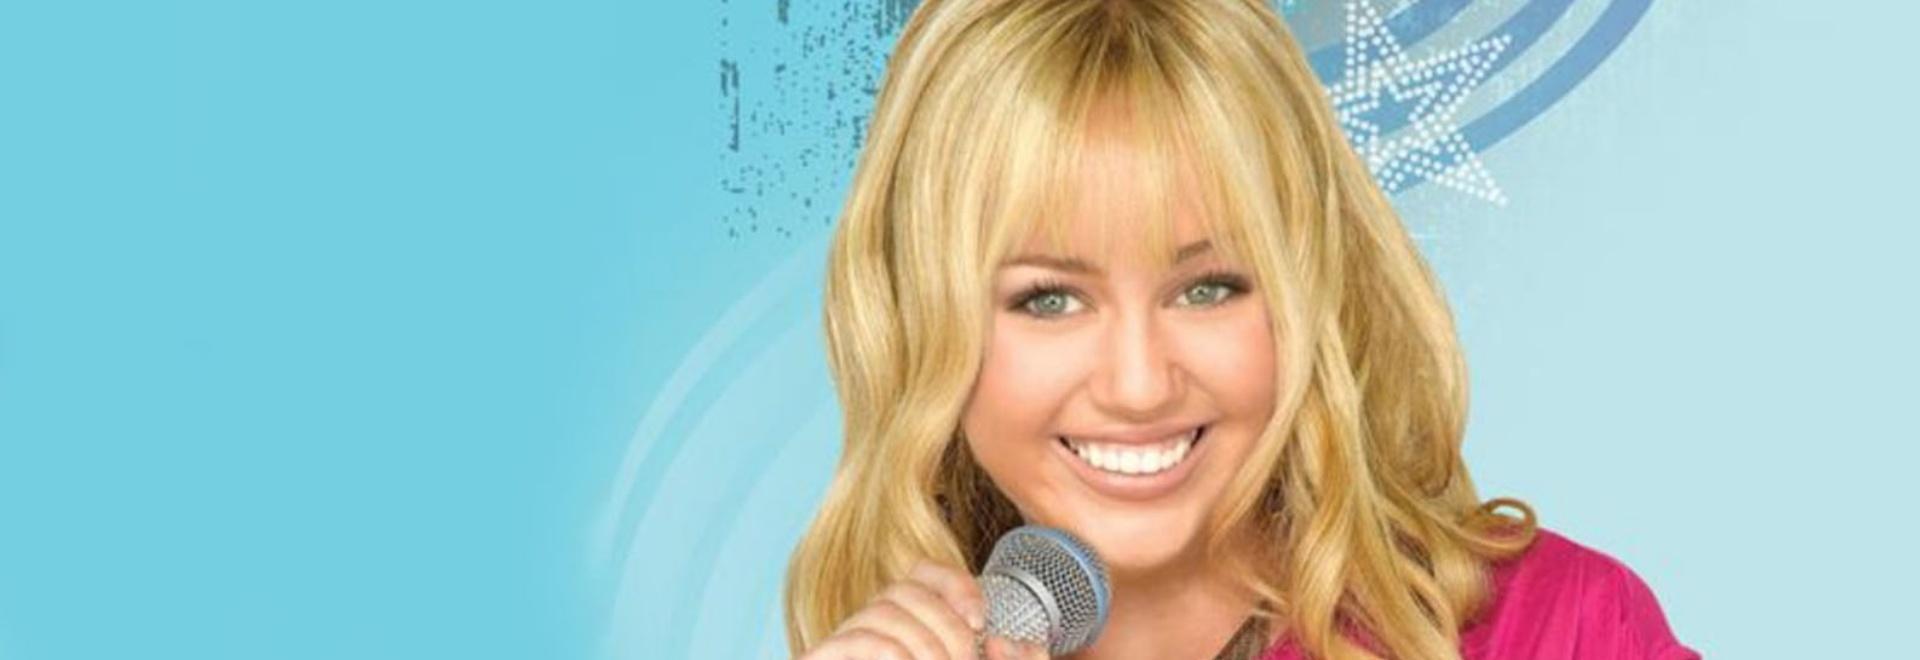 Hannah Montana nell'ufficio del preside